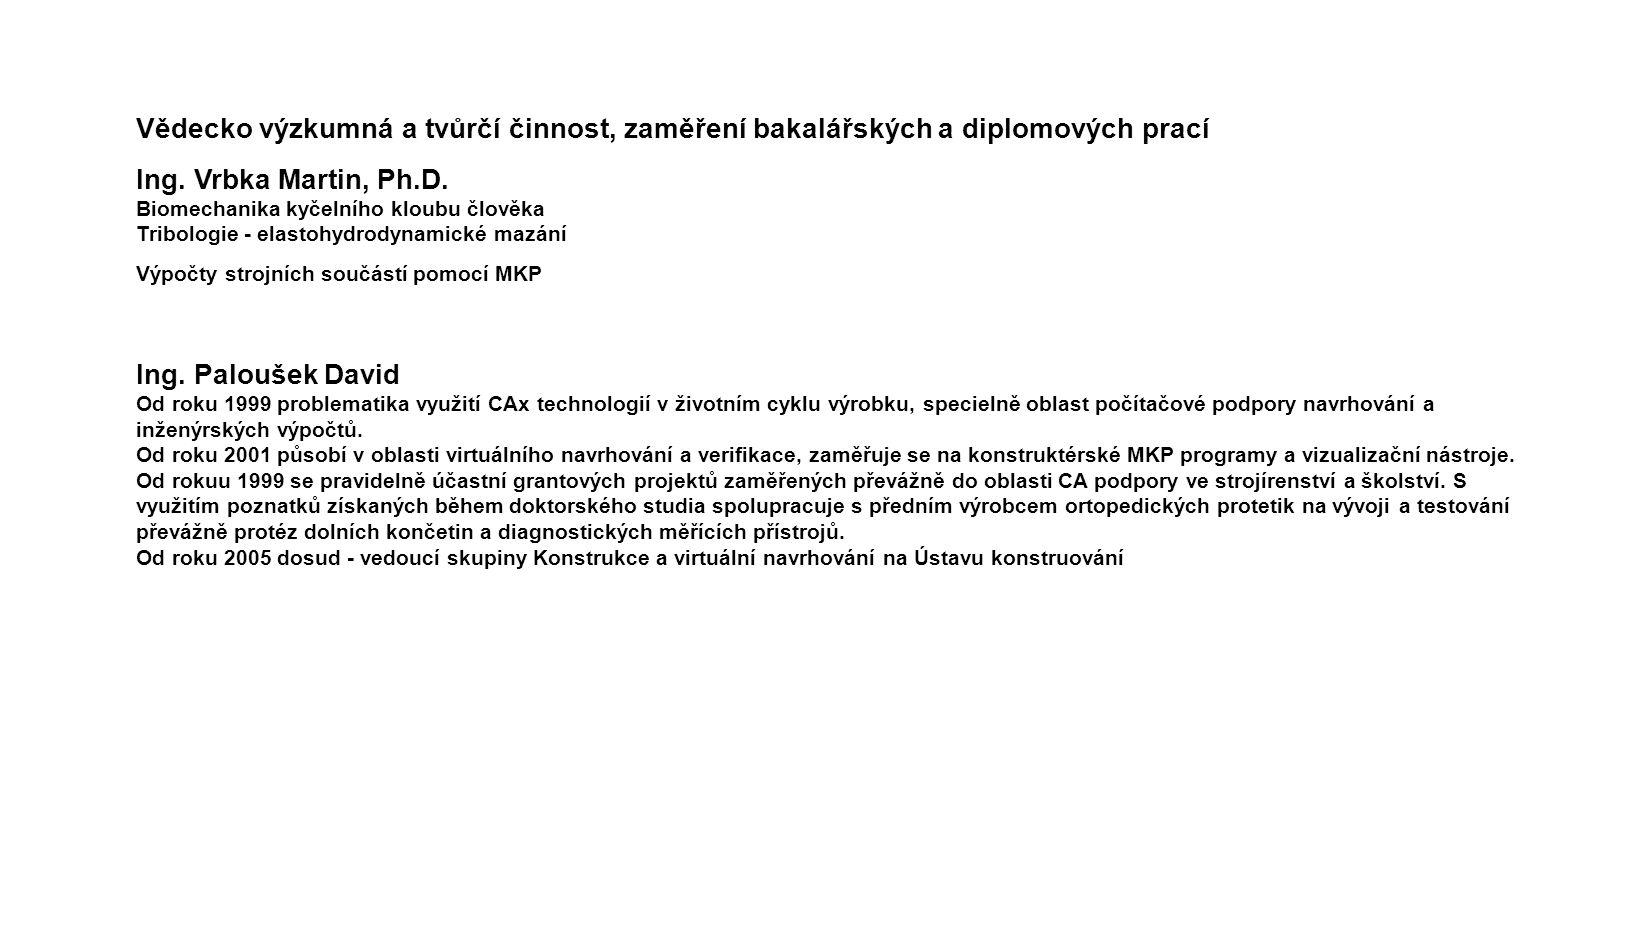 Vědecko výzkumná a tvůrčí činnost, zaměření bakalářských a diplomových prací